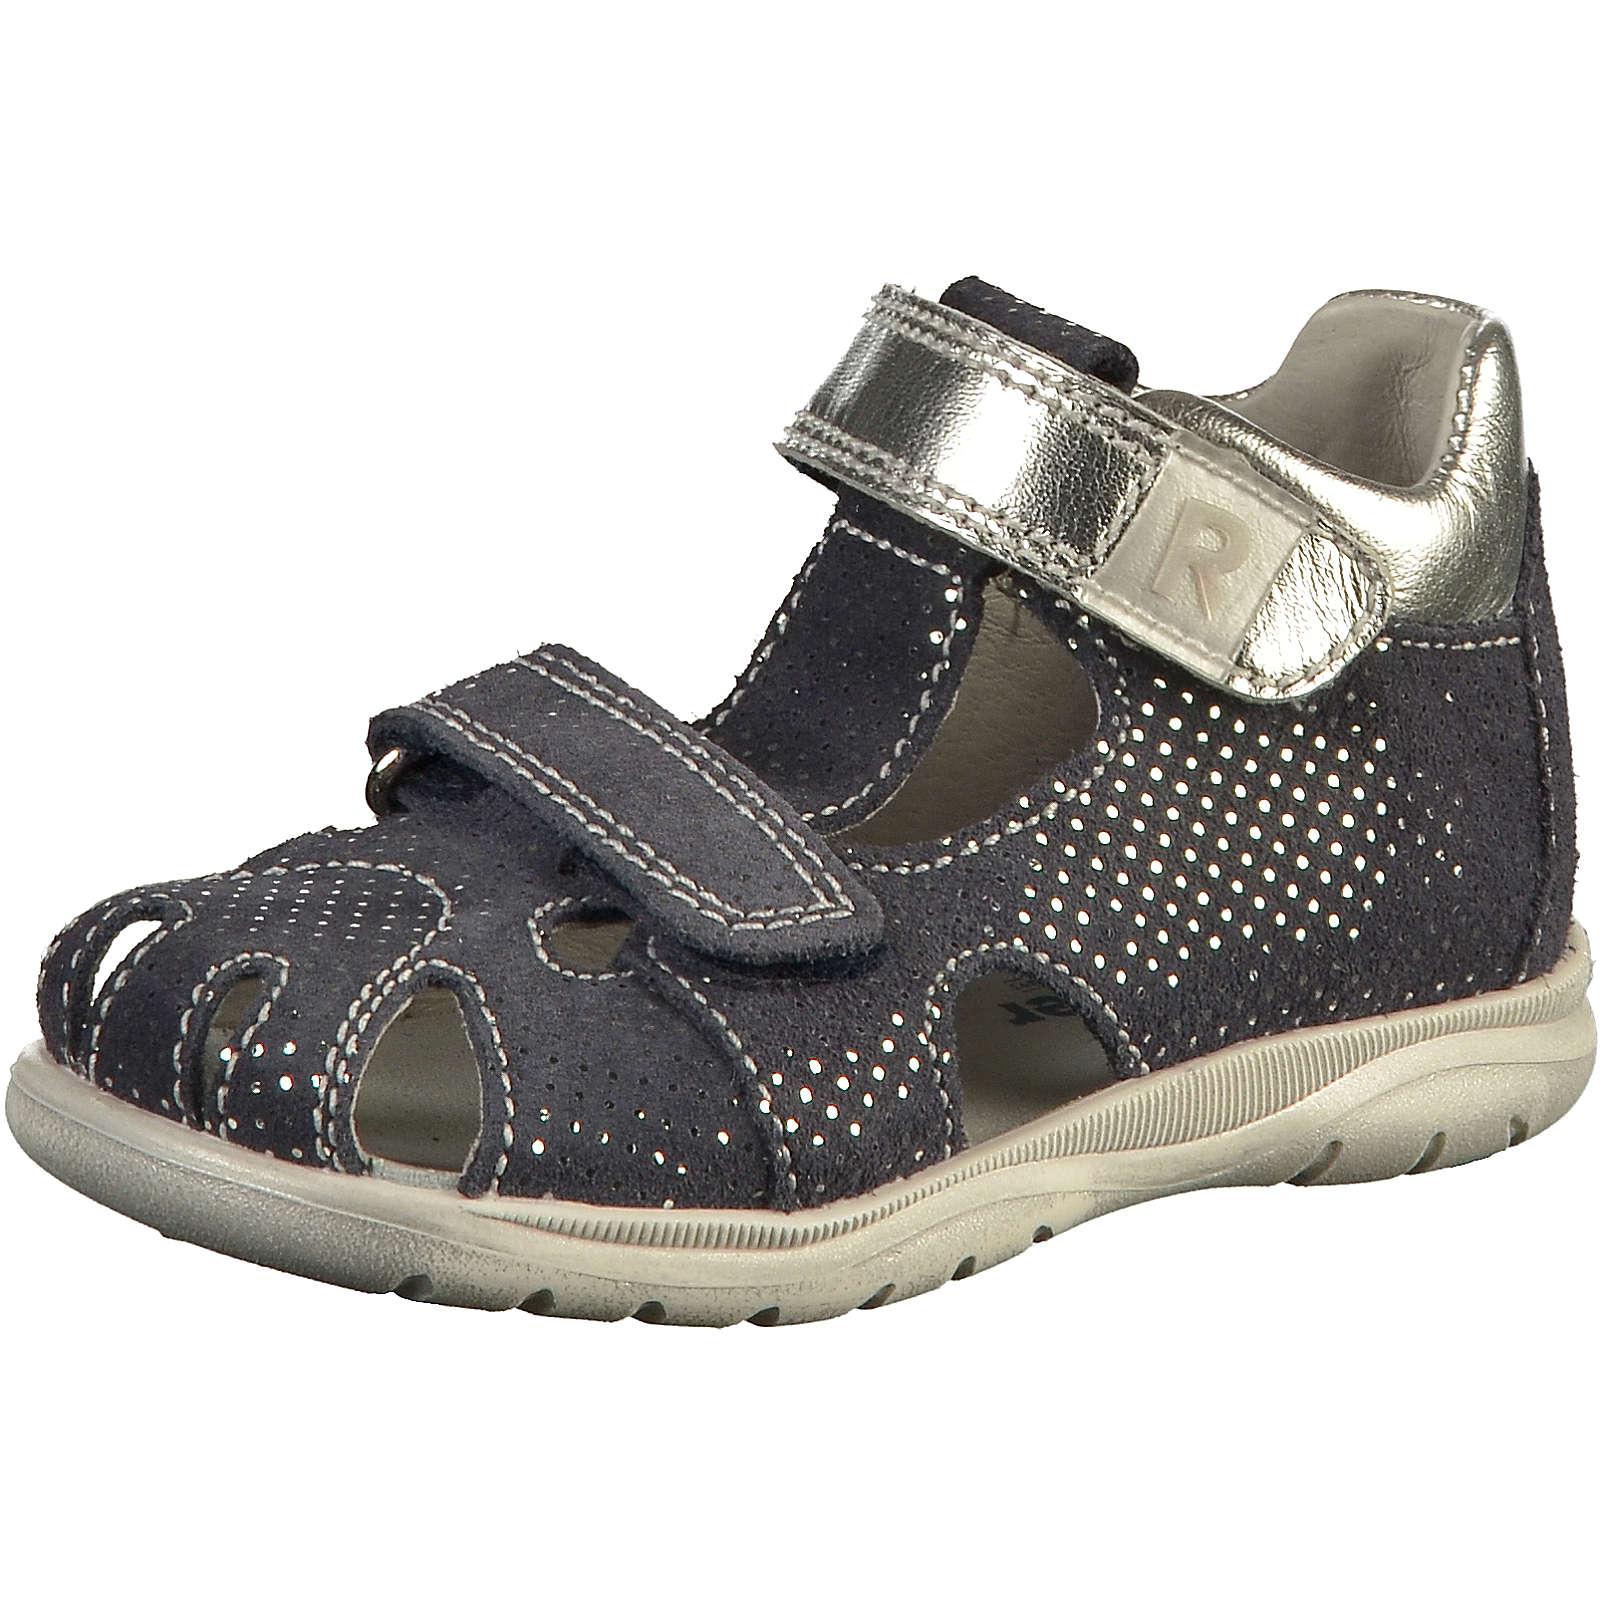 RICHTER Sandalen für Mädchen dunkelblau Mädchen Gr. 21